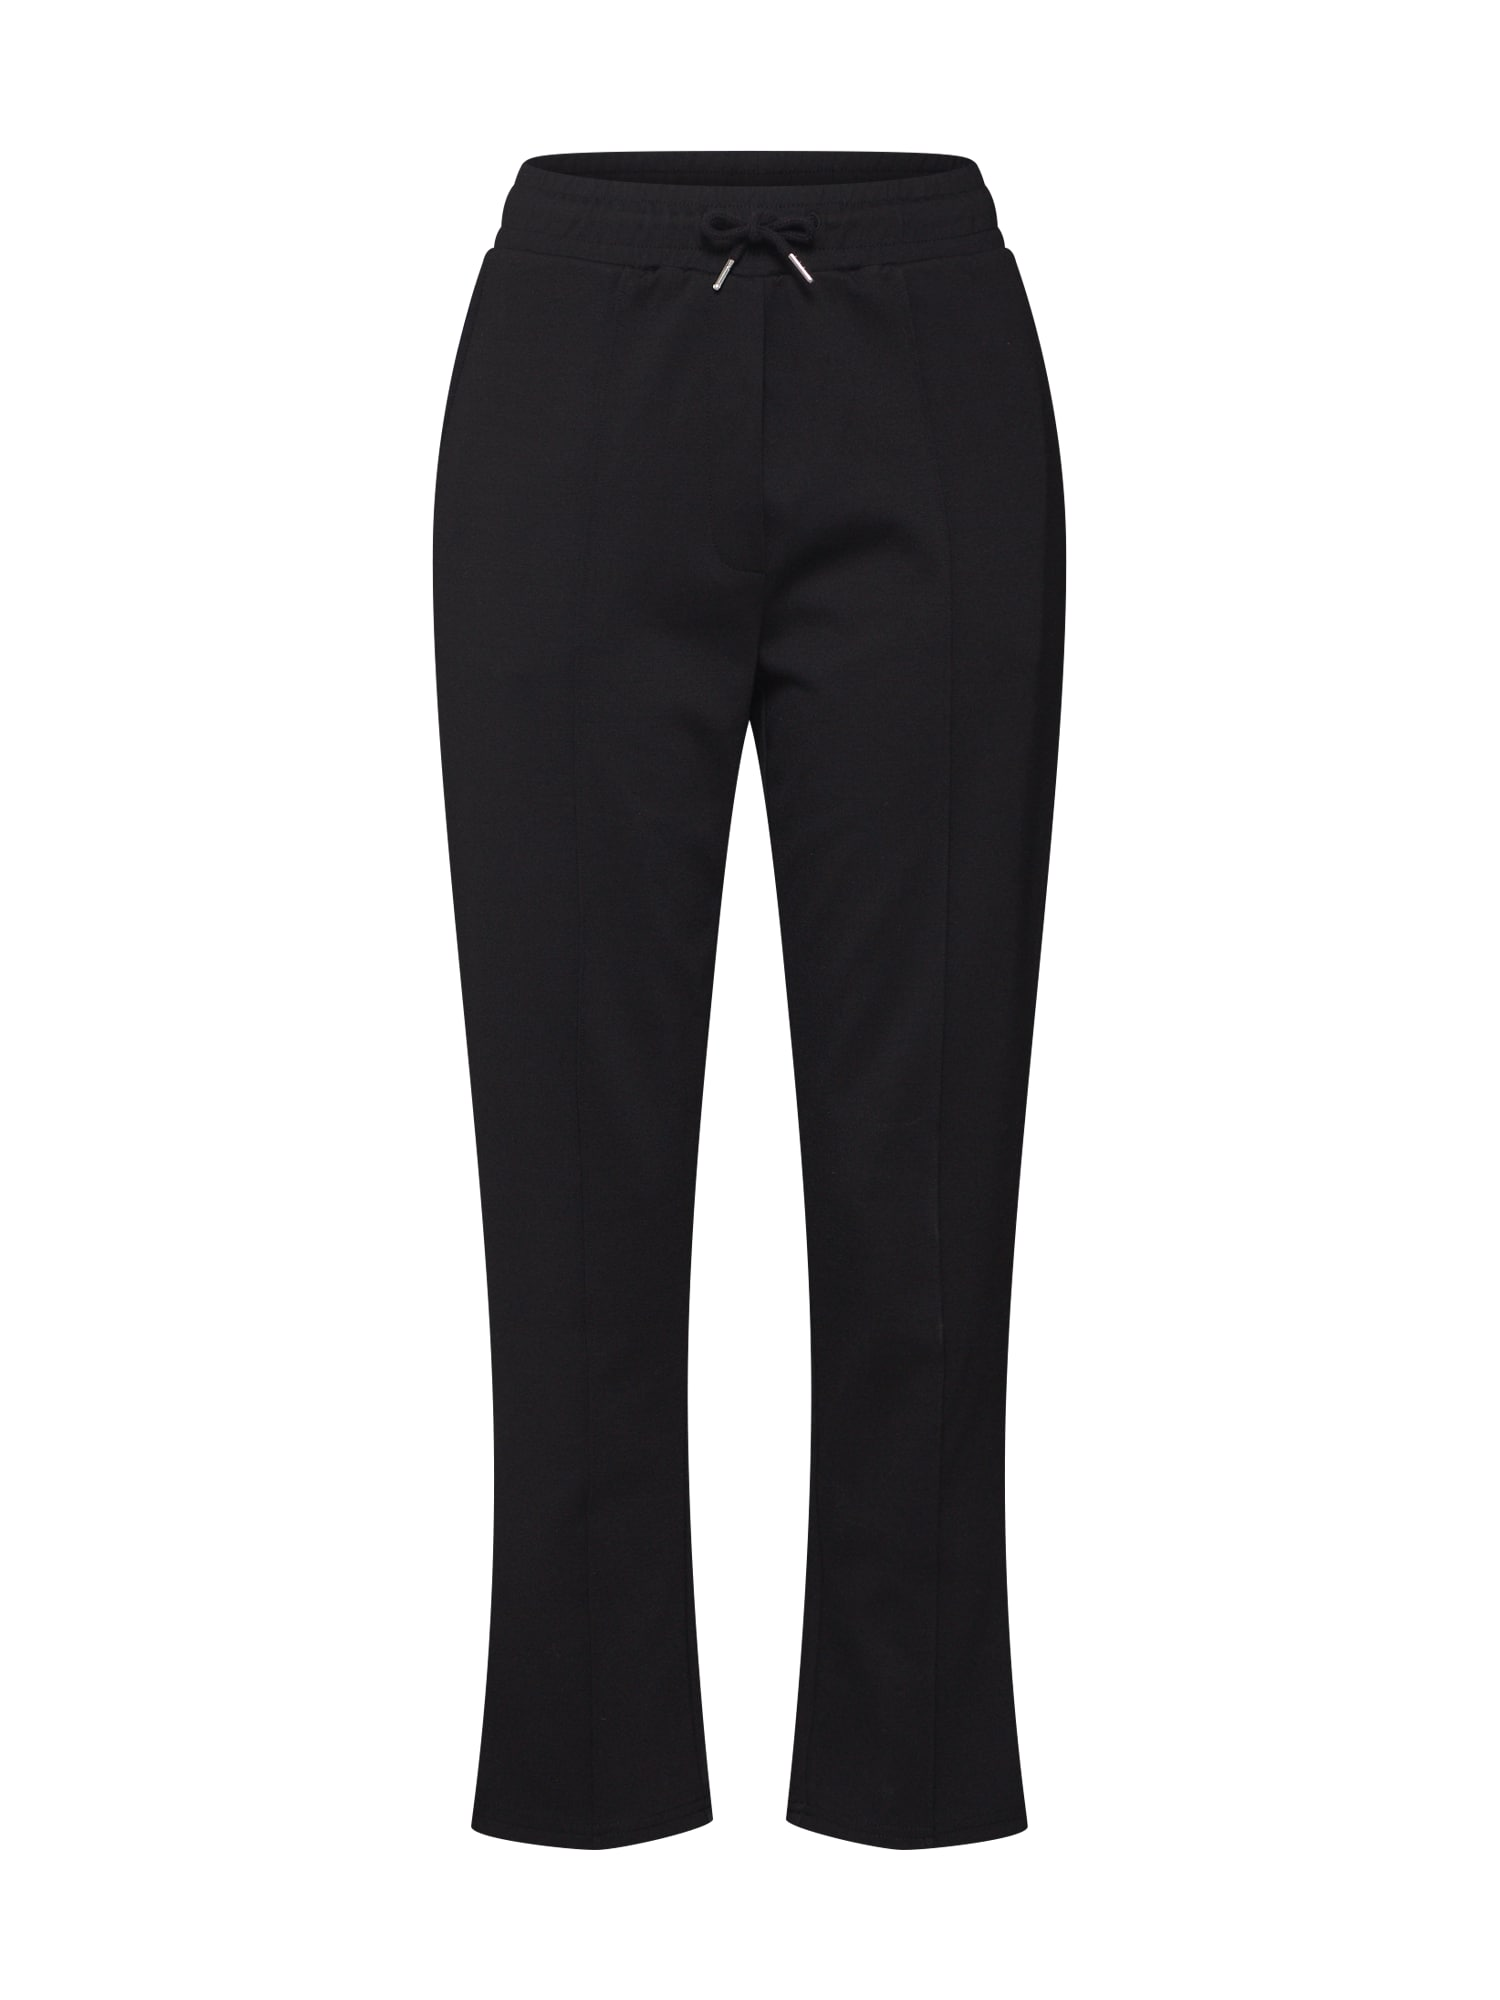 Kalhoty SWEAT TAILORED D-SWEAT černá Review